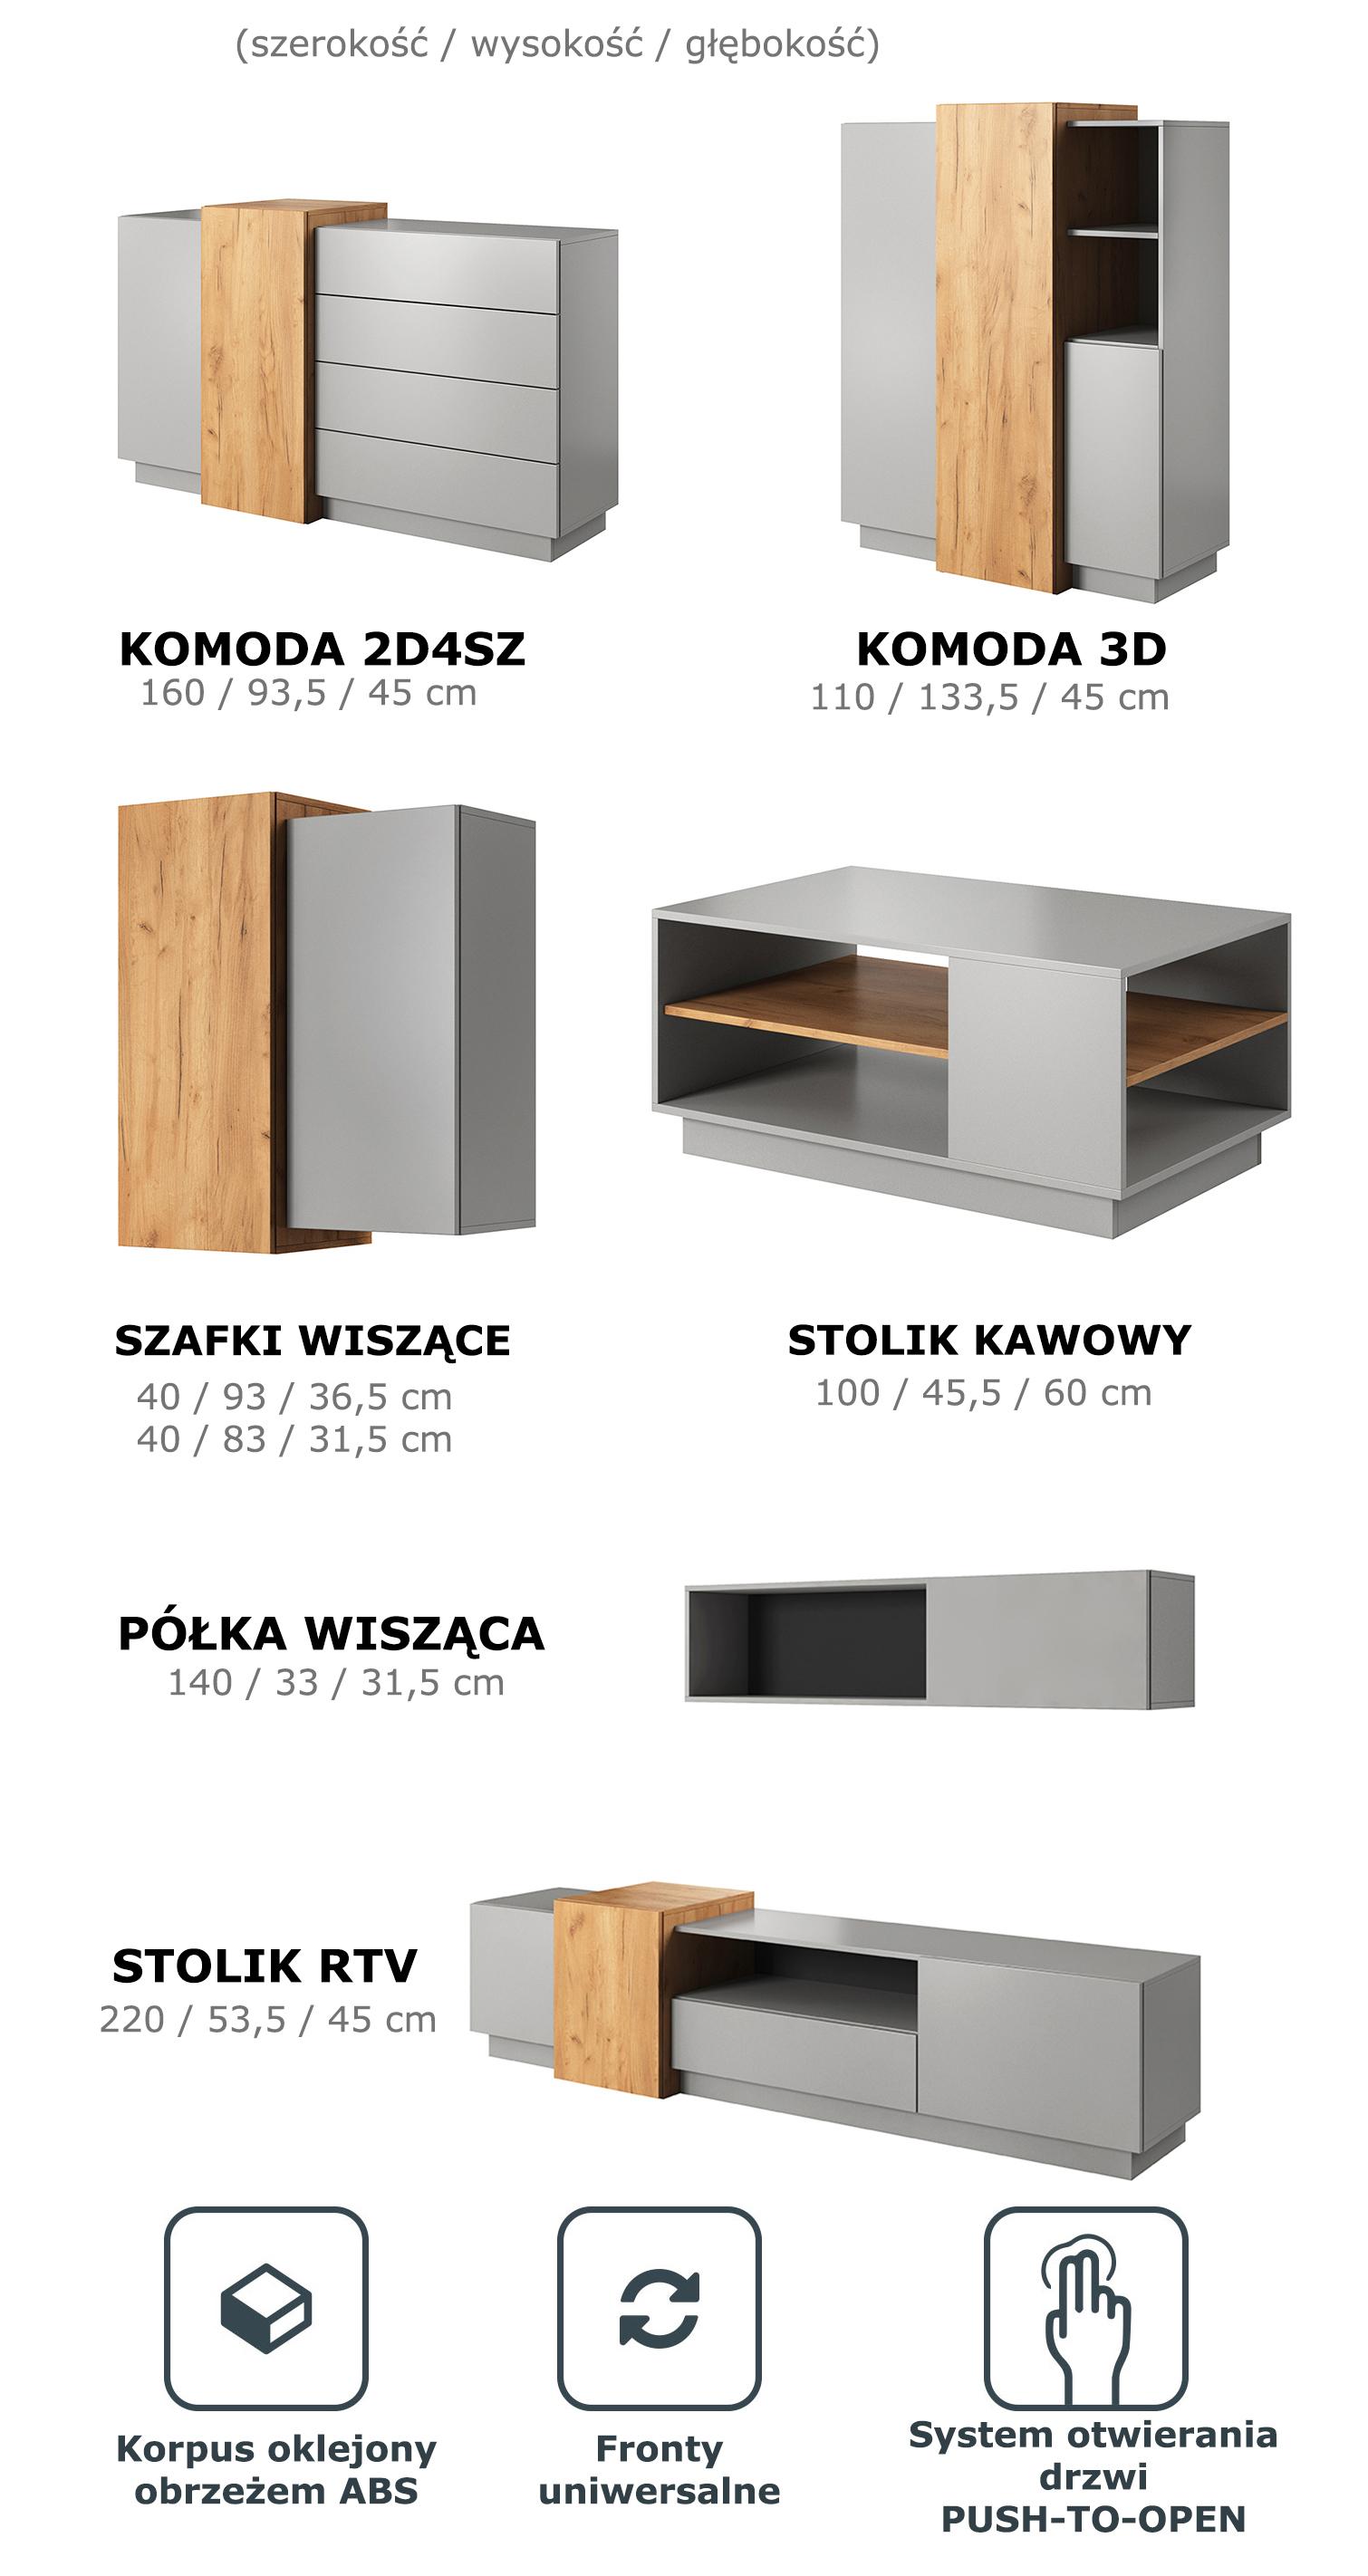 wood-3d.jpg